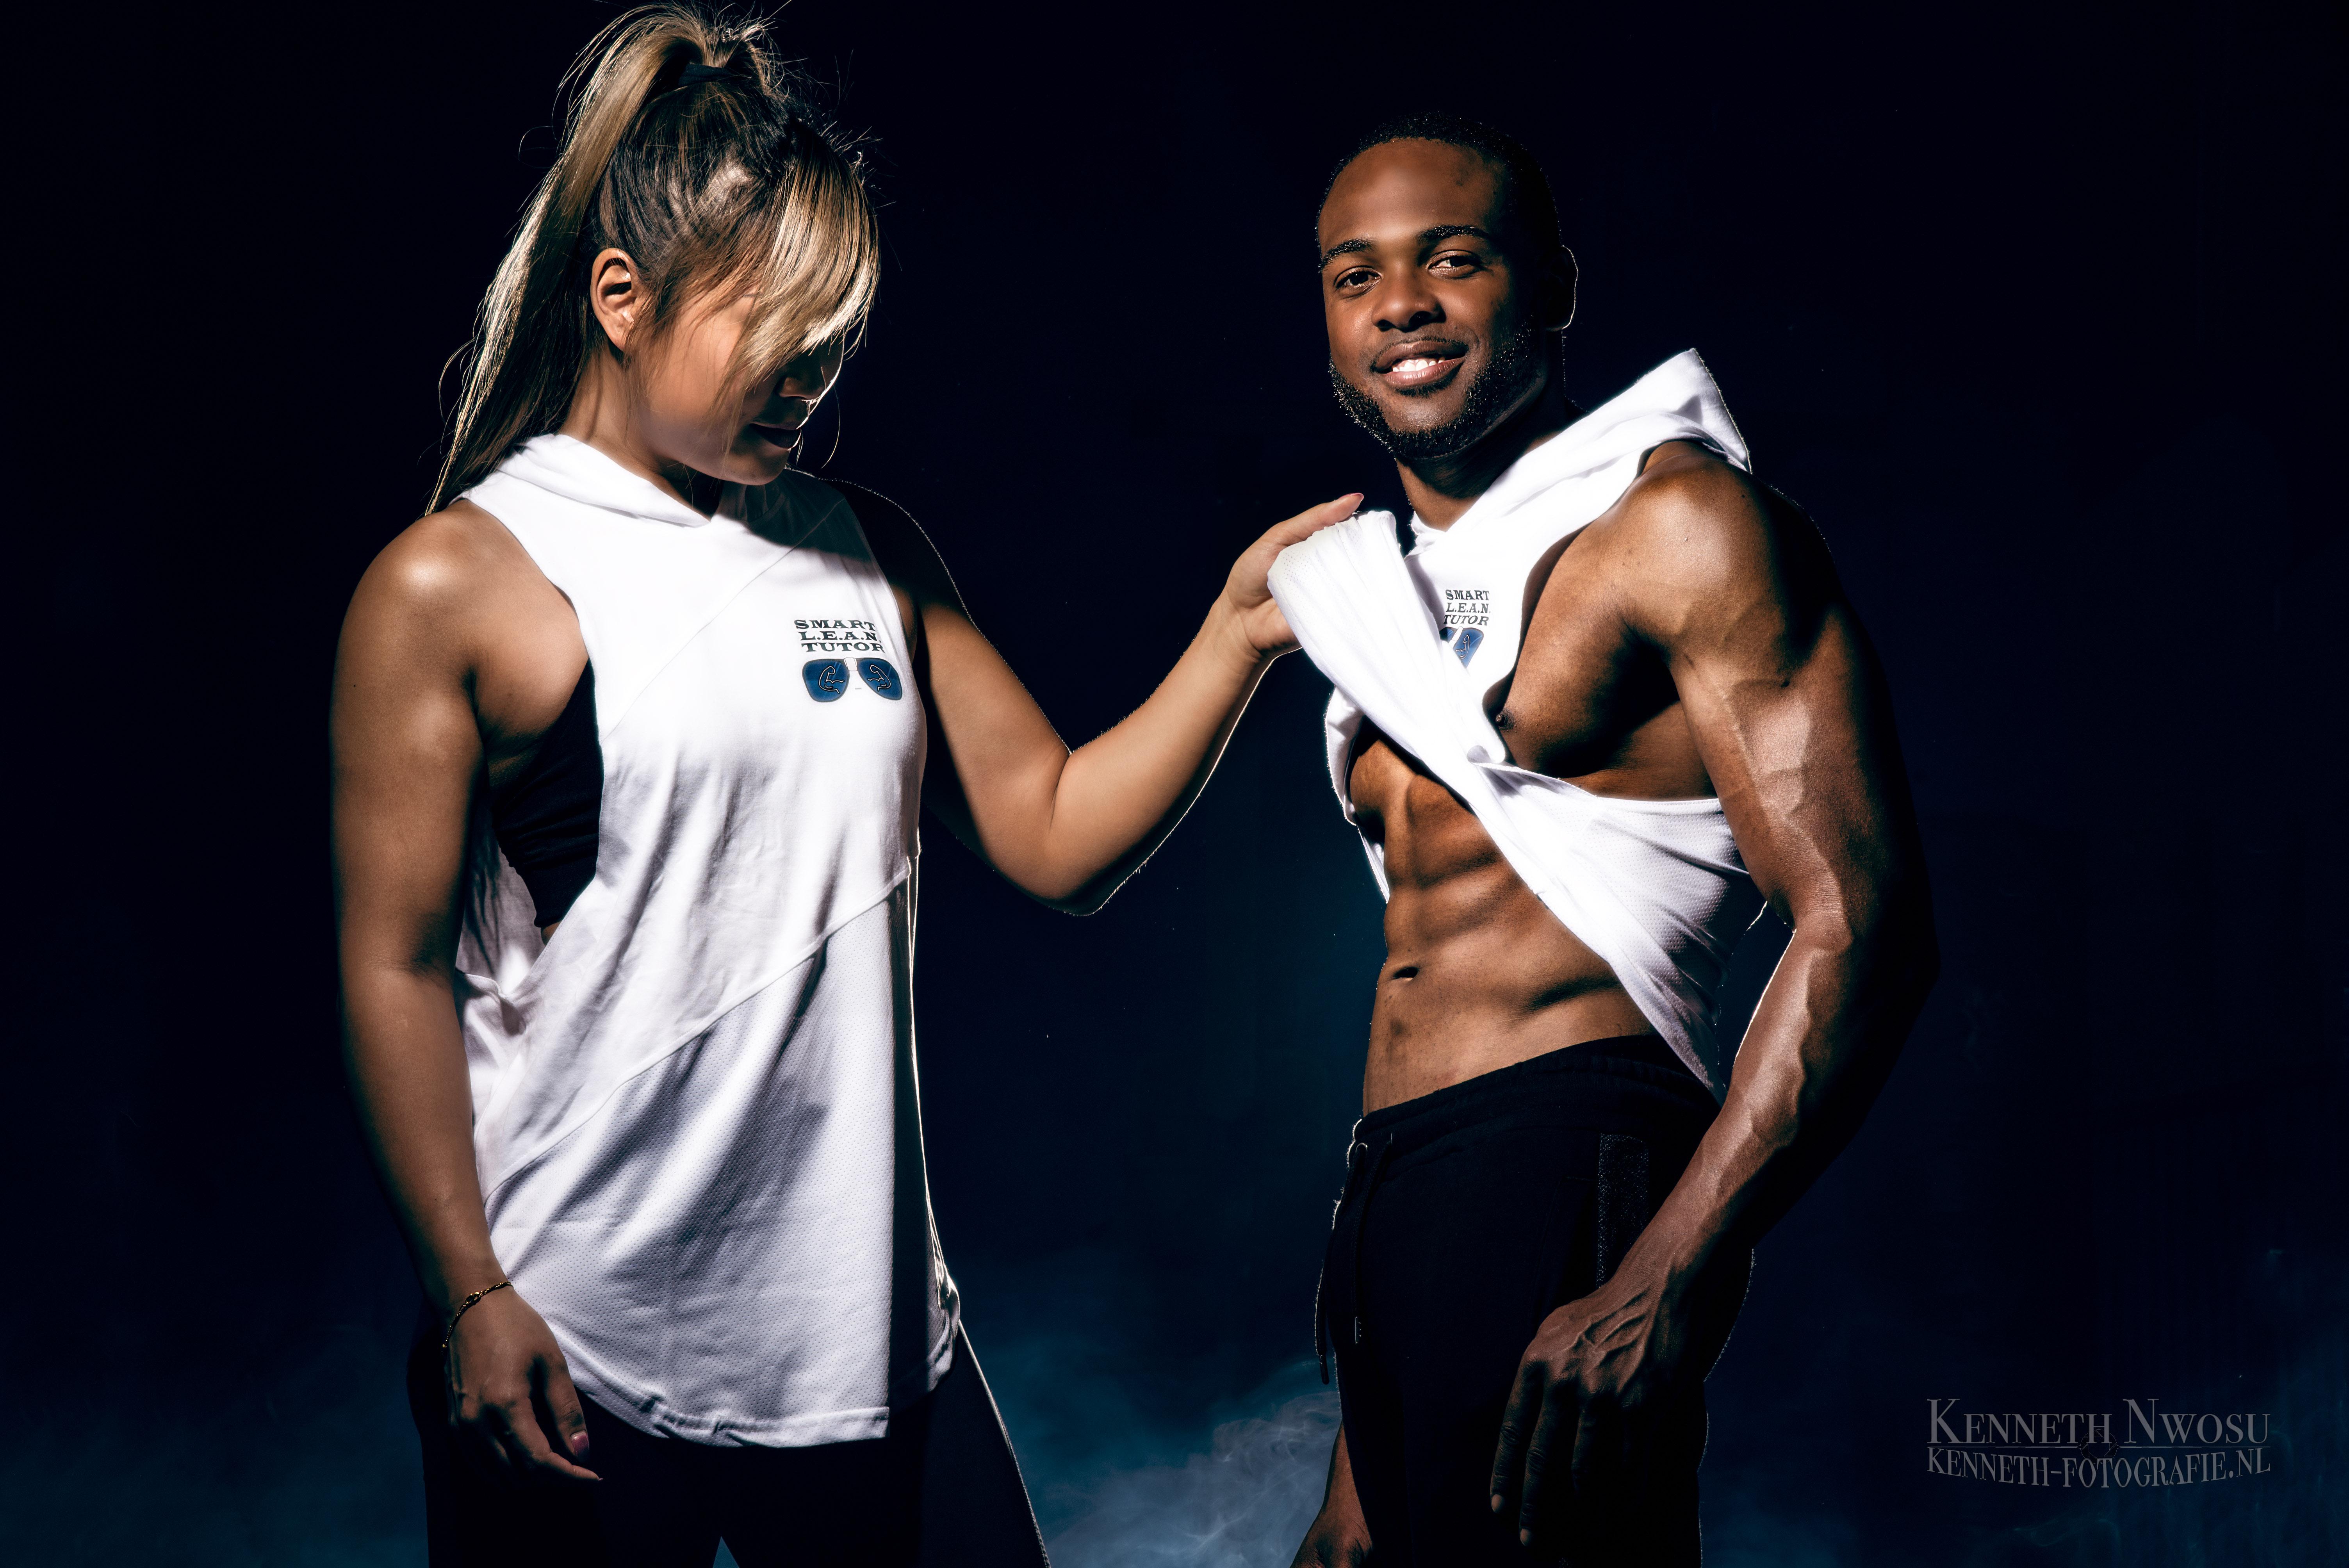 Fitness fotoshoot Smart Lean Tutor